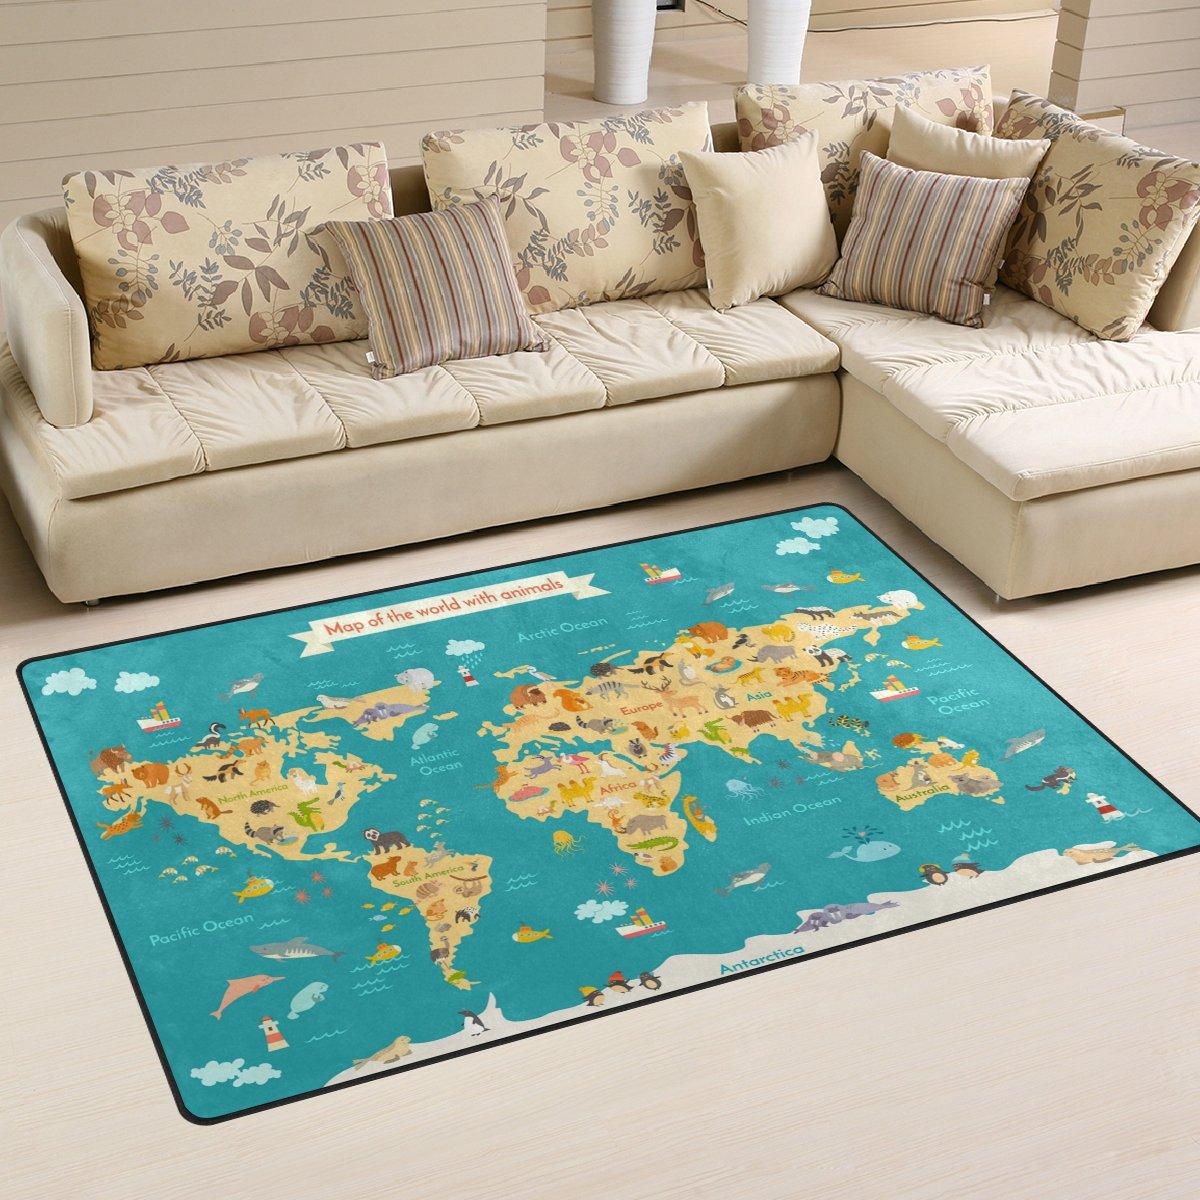 WOZO Animal Kids World Map Area Rug Rugs Non-Slip Floor Mat Doormats Living Room Bedroom 31 x 20 inches g2489635p146c161s240